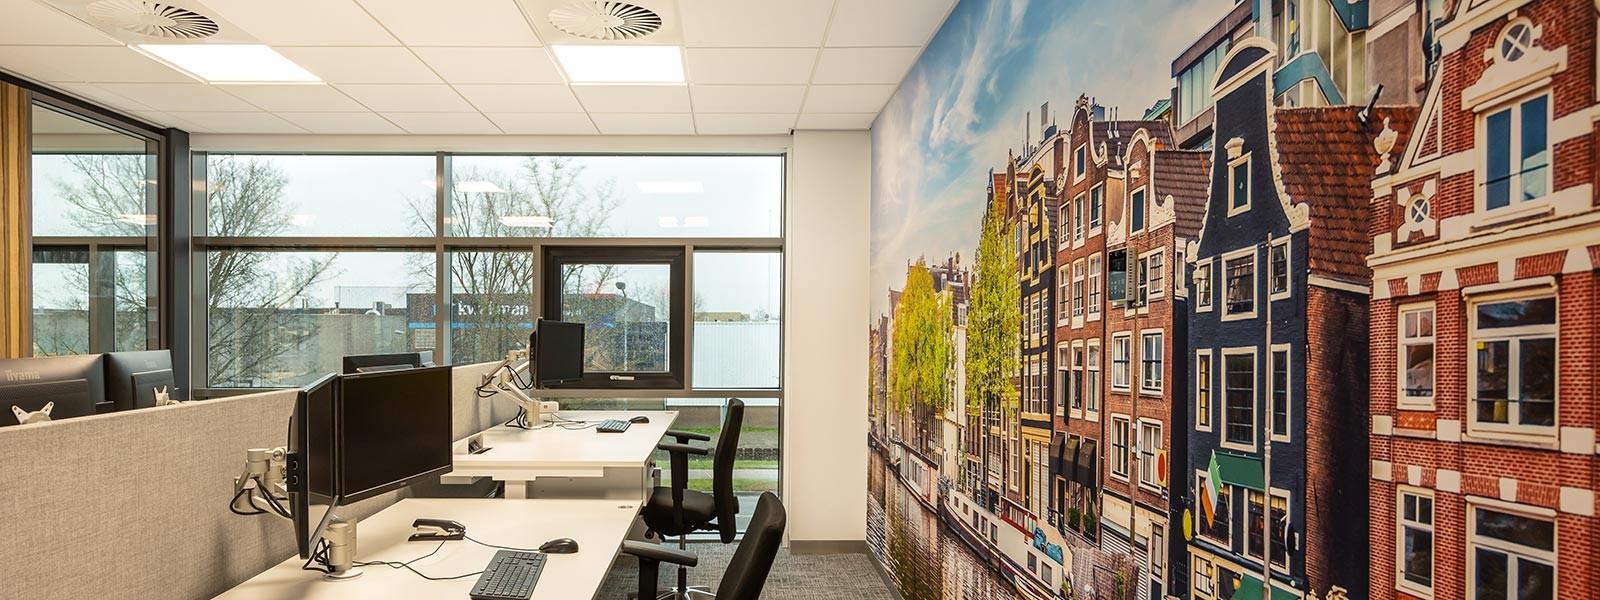 KBK Bouwgroep, Volendam